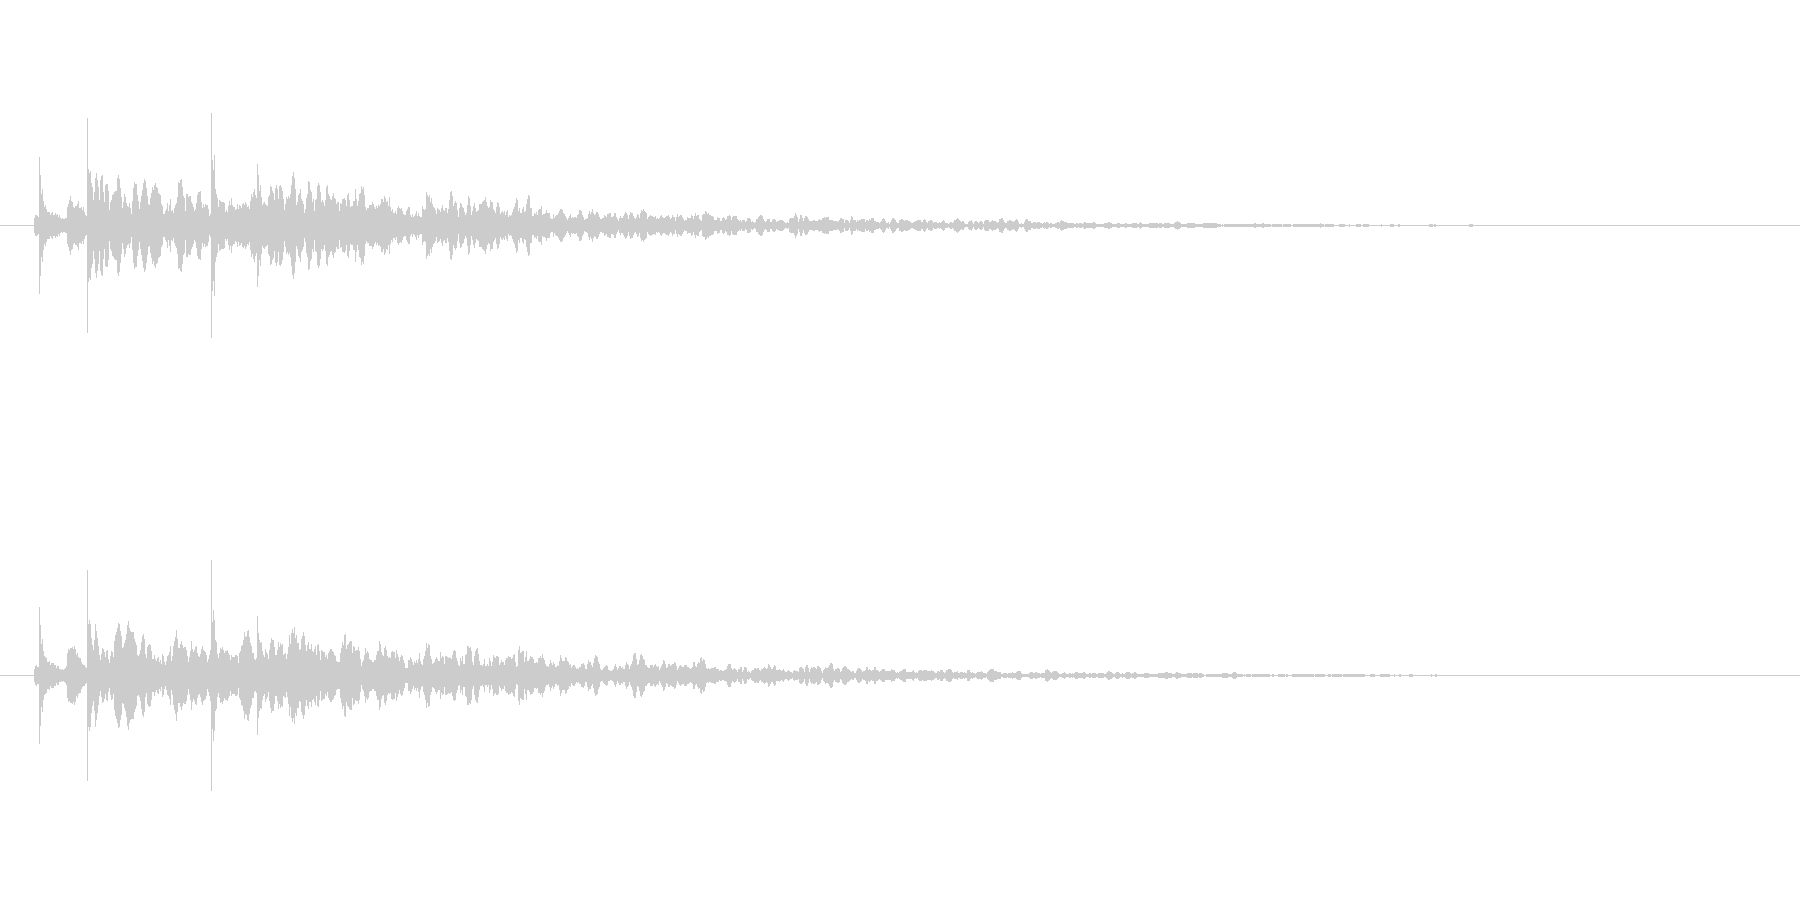 【アクセント37-1】の未再生の波形